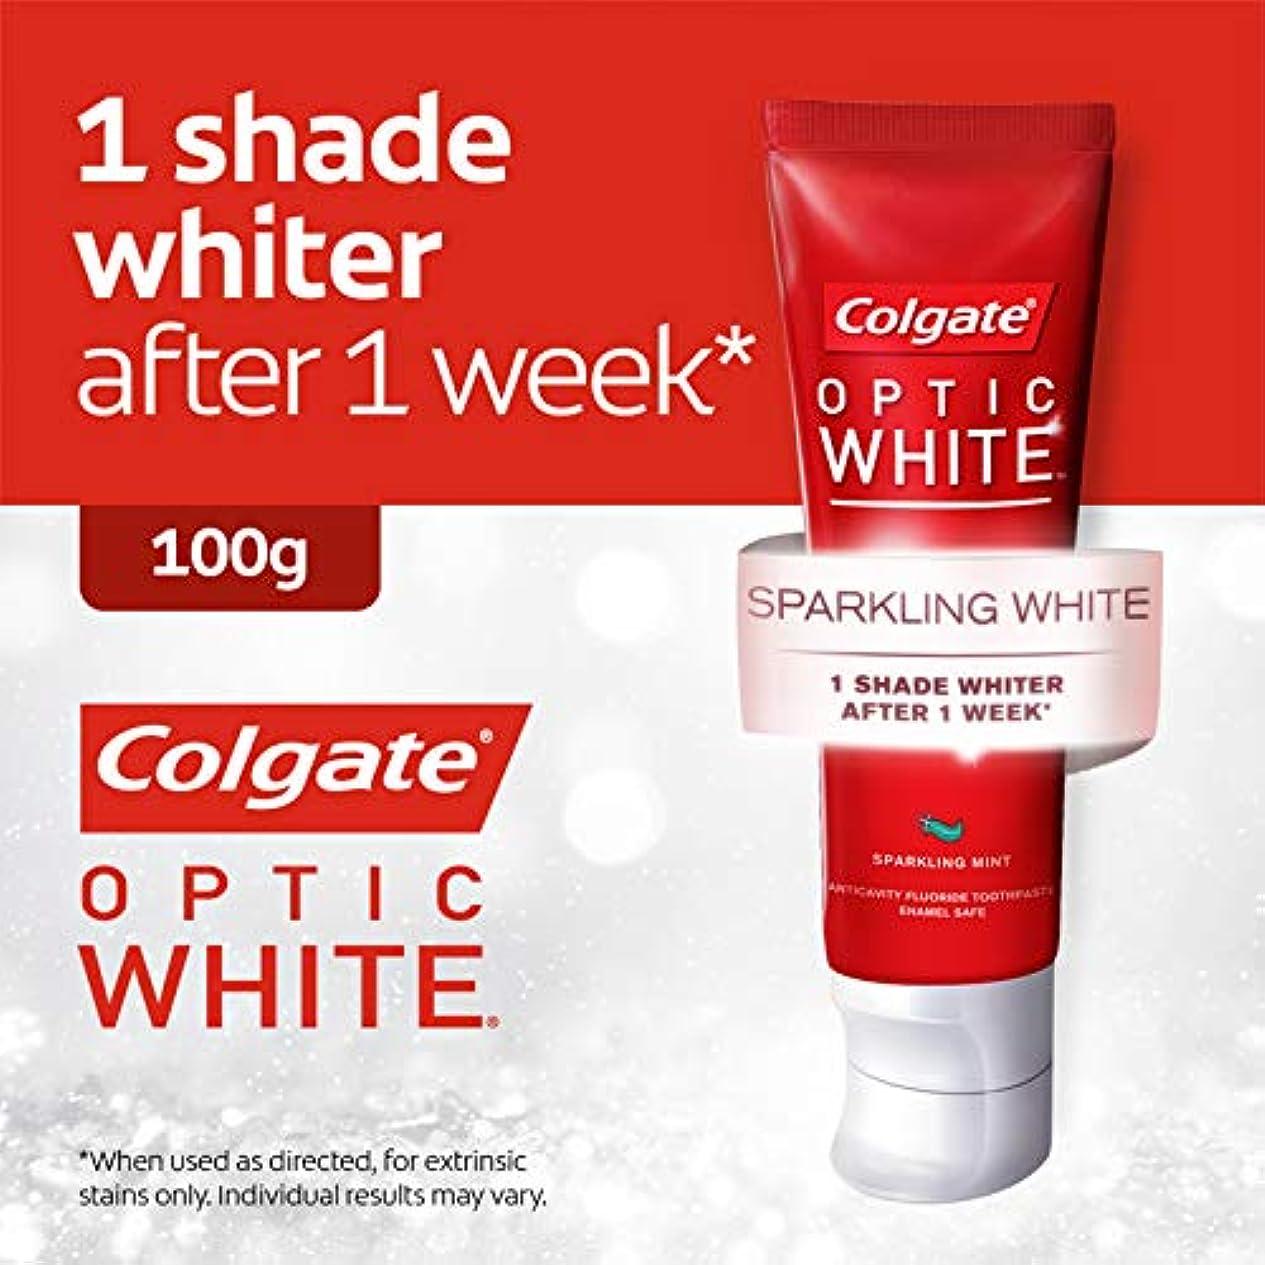 アクセサリーボーダー顎コールゲート オプティック ホワイト スパークリングシャイン 100g 歯磨き粉 Colgate Optic White Sparkling Shine 100g Tooth Paste